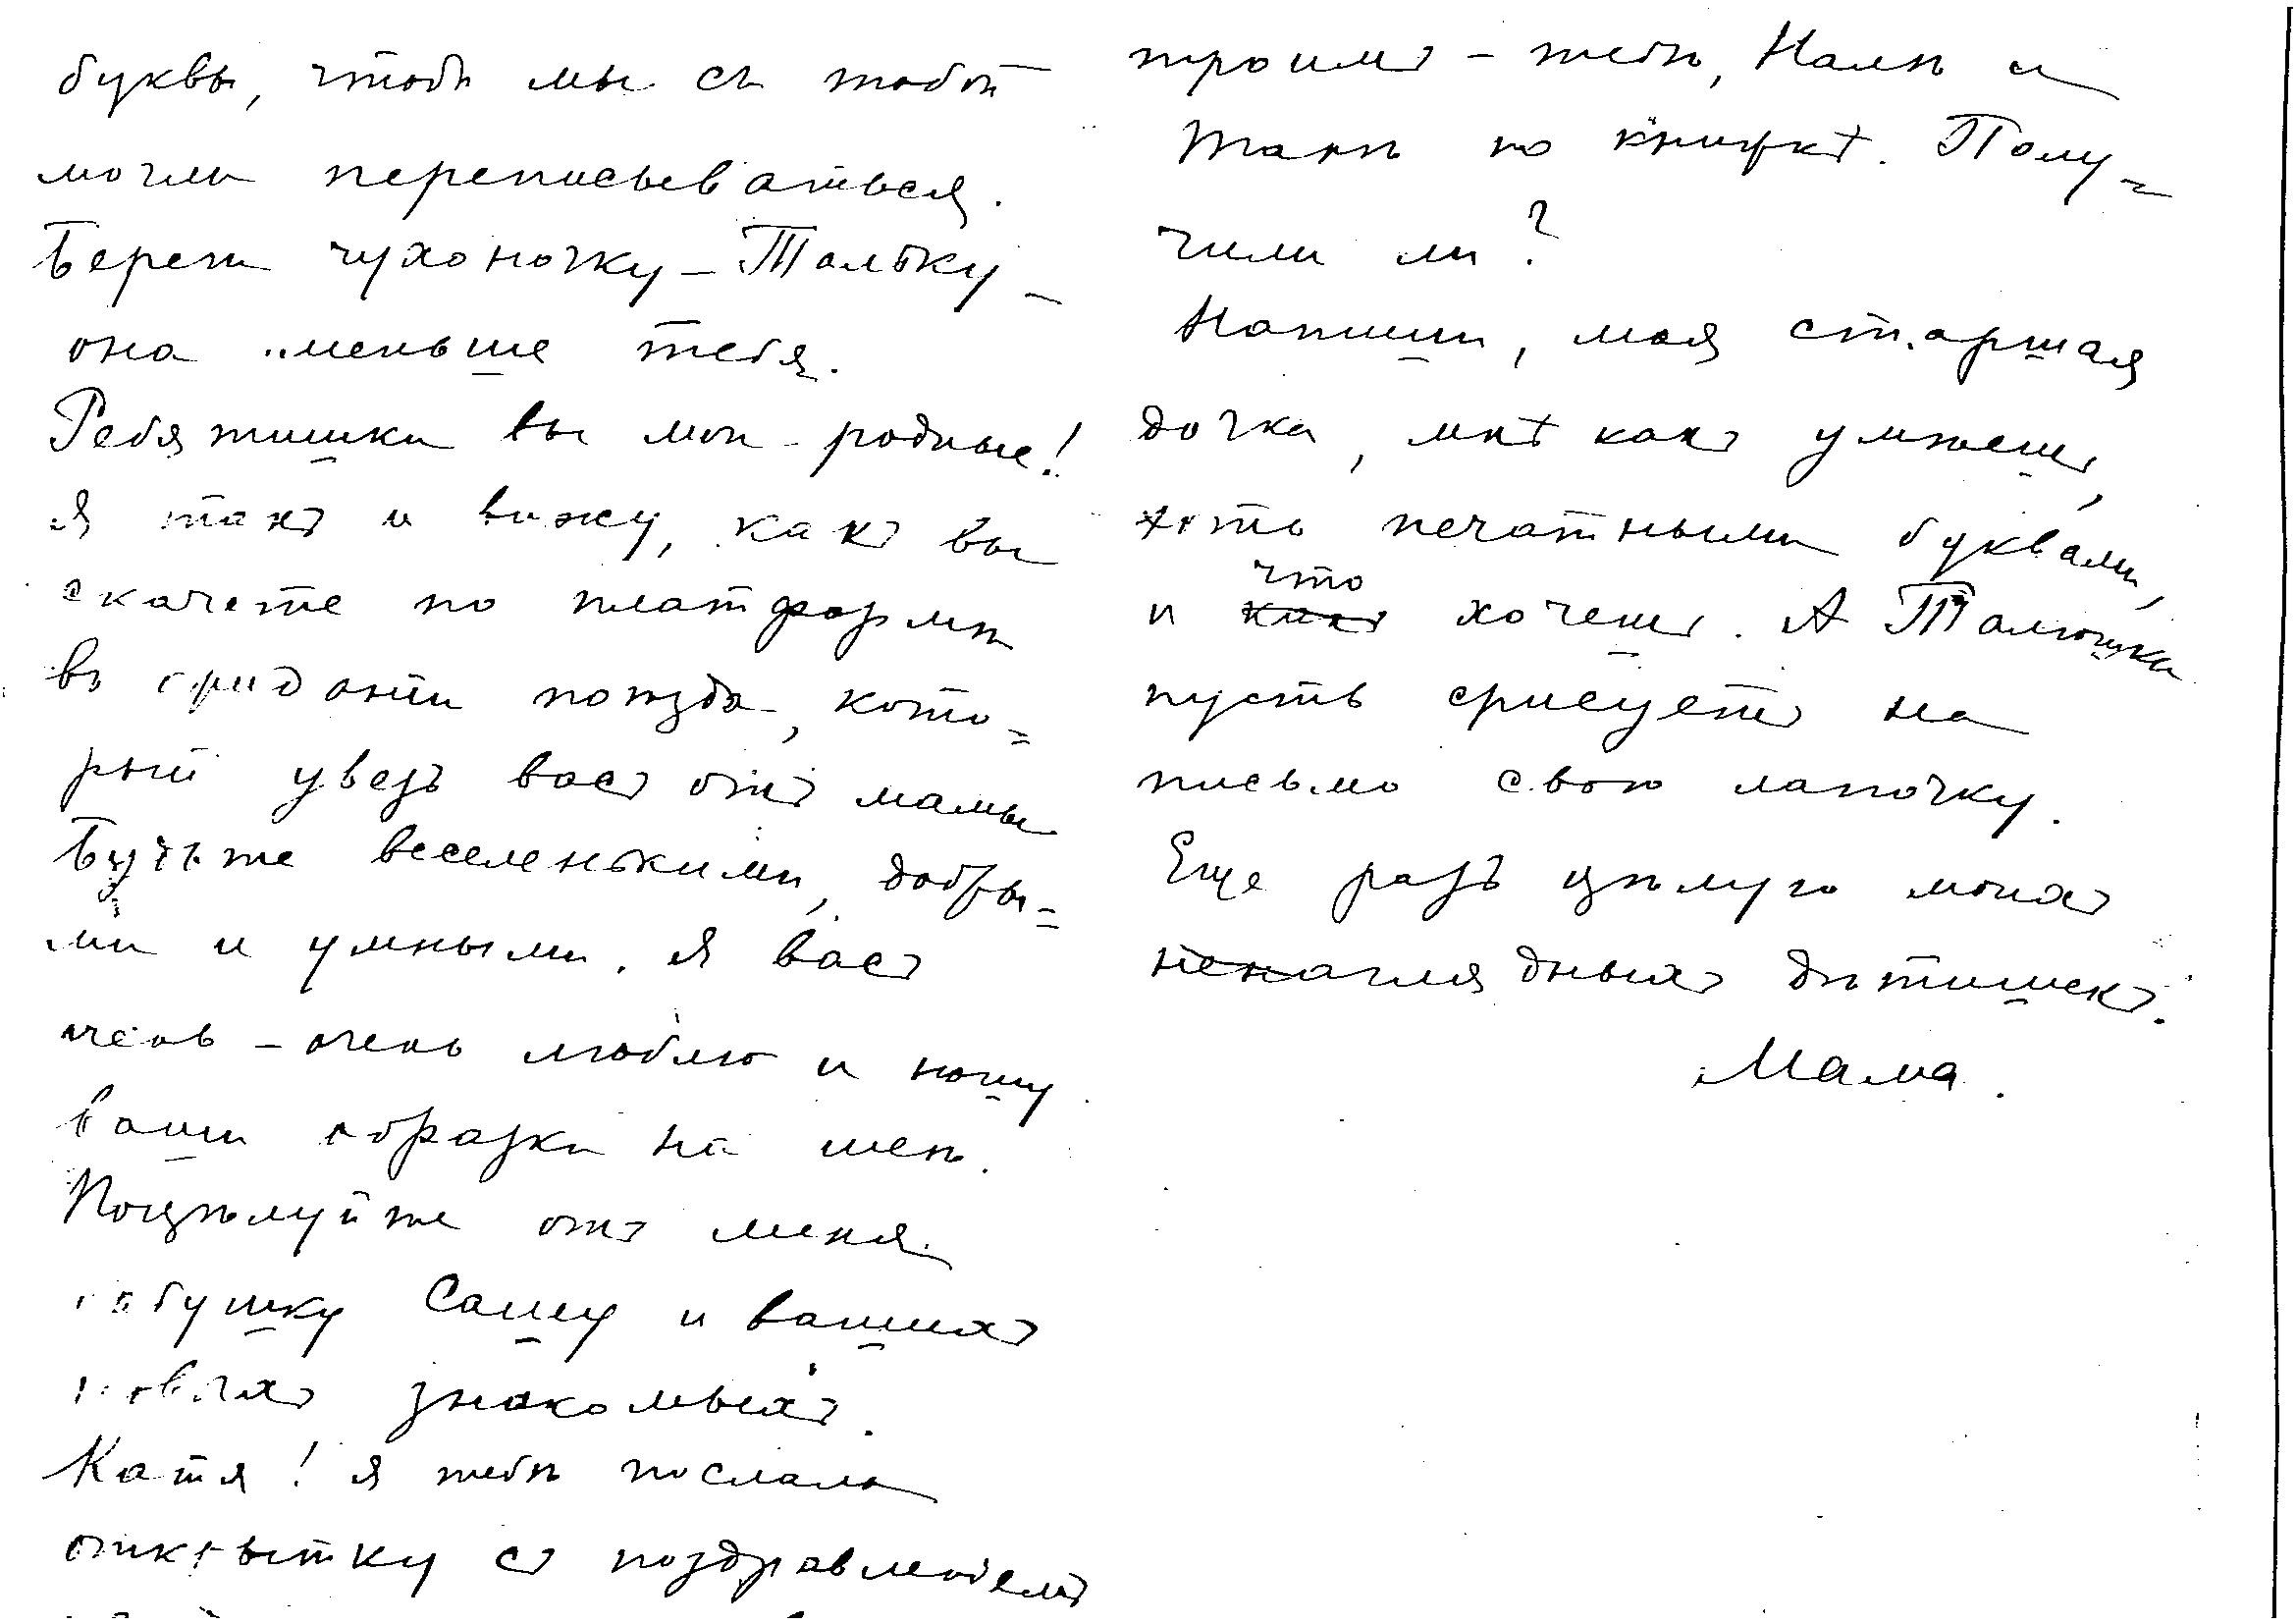 Photo: Распутина (Шулятикова) Анна Михайловна. 1908 год, февраль. Письмо детям Кате и Наташе. За несколько часов до казни. Оборот  листа. Начало письма смотрите на предыдущем фото.Публикуется впервые.